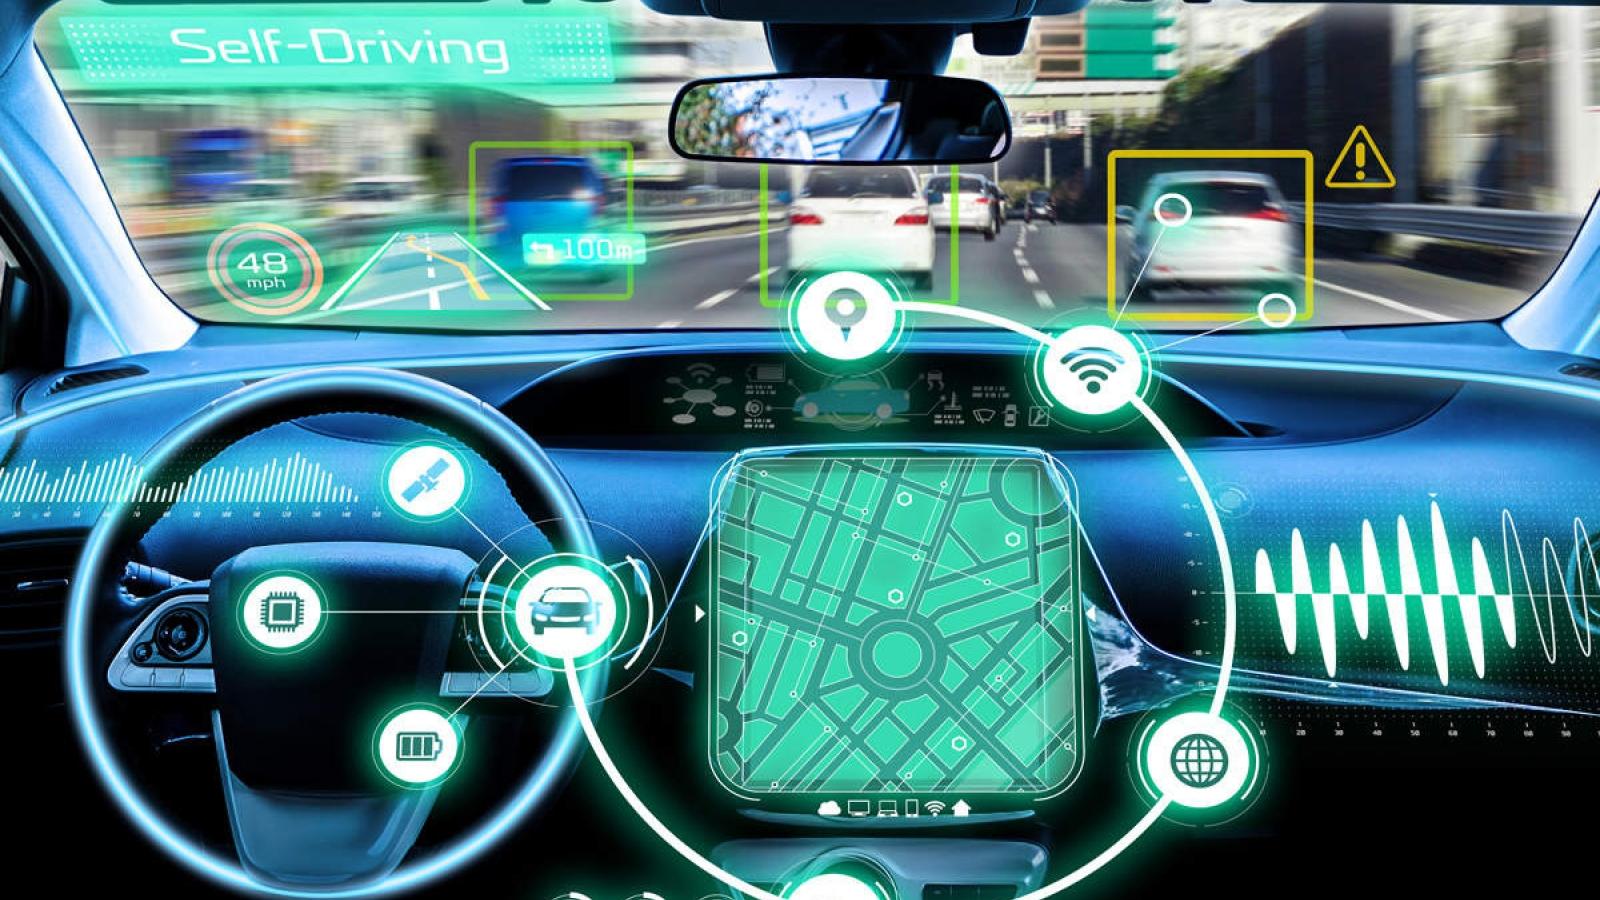 Apple muốn đưa công nghệ này vào hệ thống ô tô tự lái